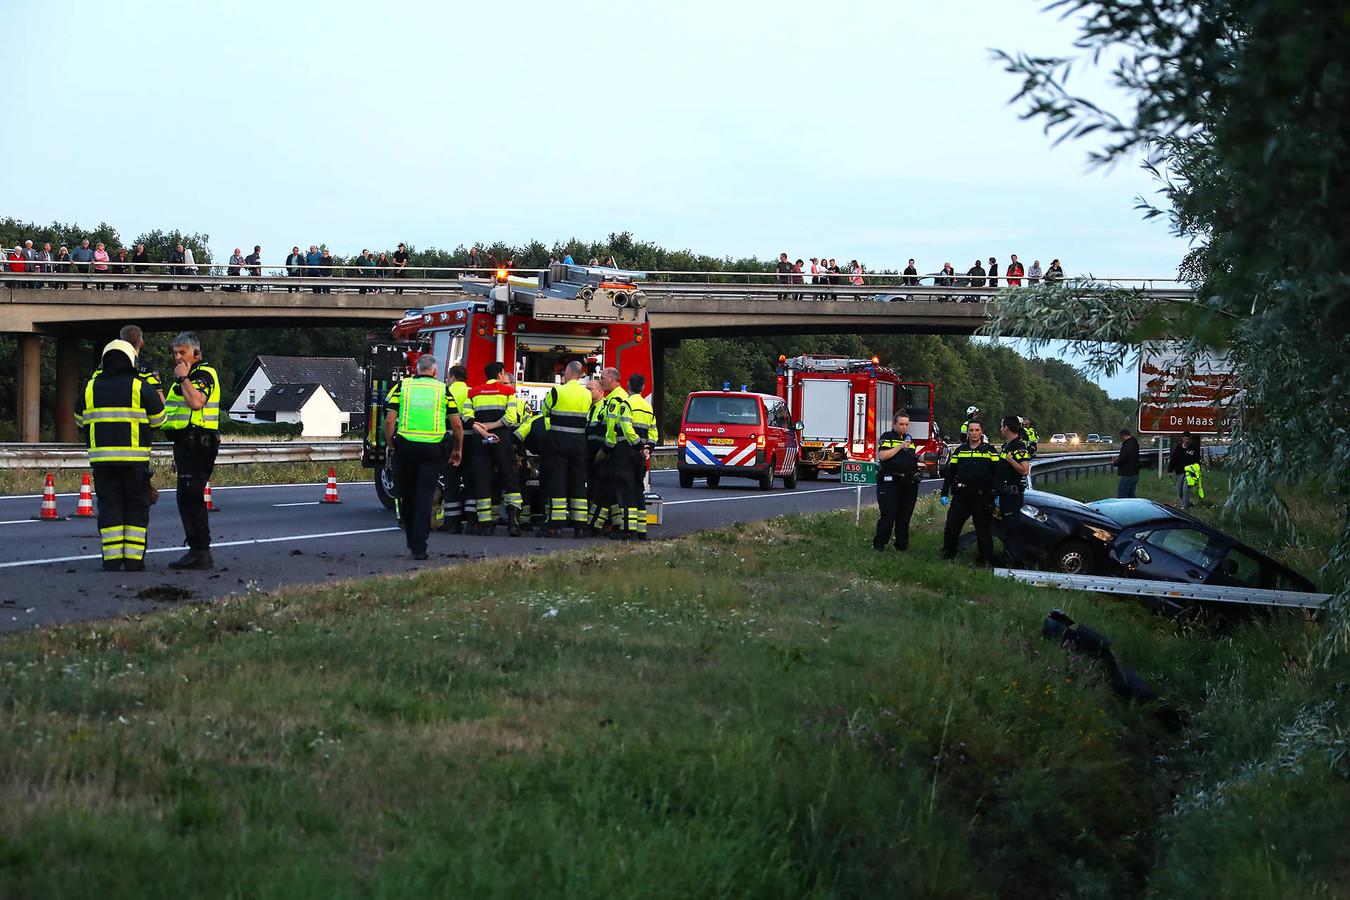 Ernstig ongeluk op A50 bij Ravenstein